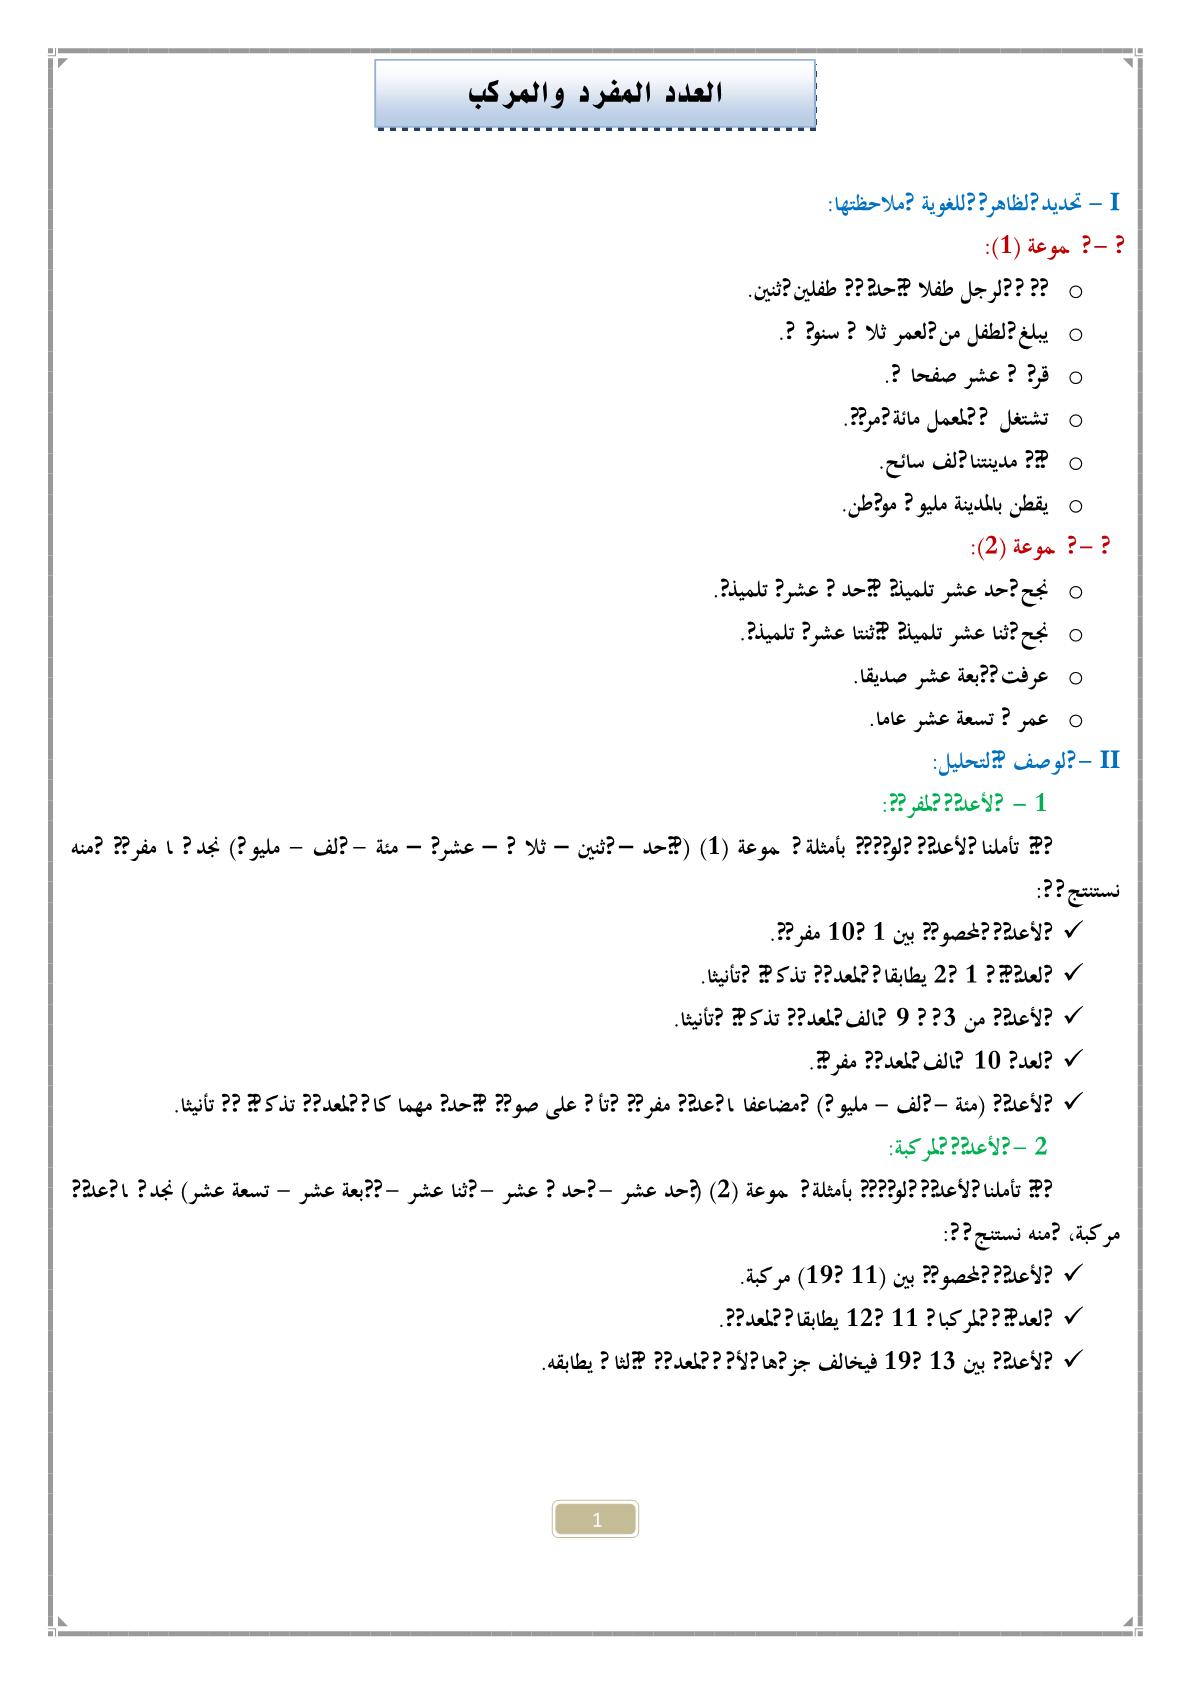 درس العدد المفرد والمركب بمكون الدرس اللغوي للسنة الثانية اعدادي